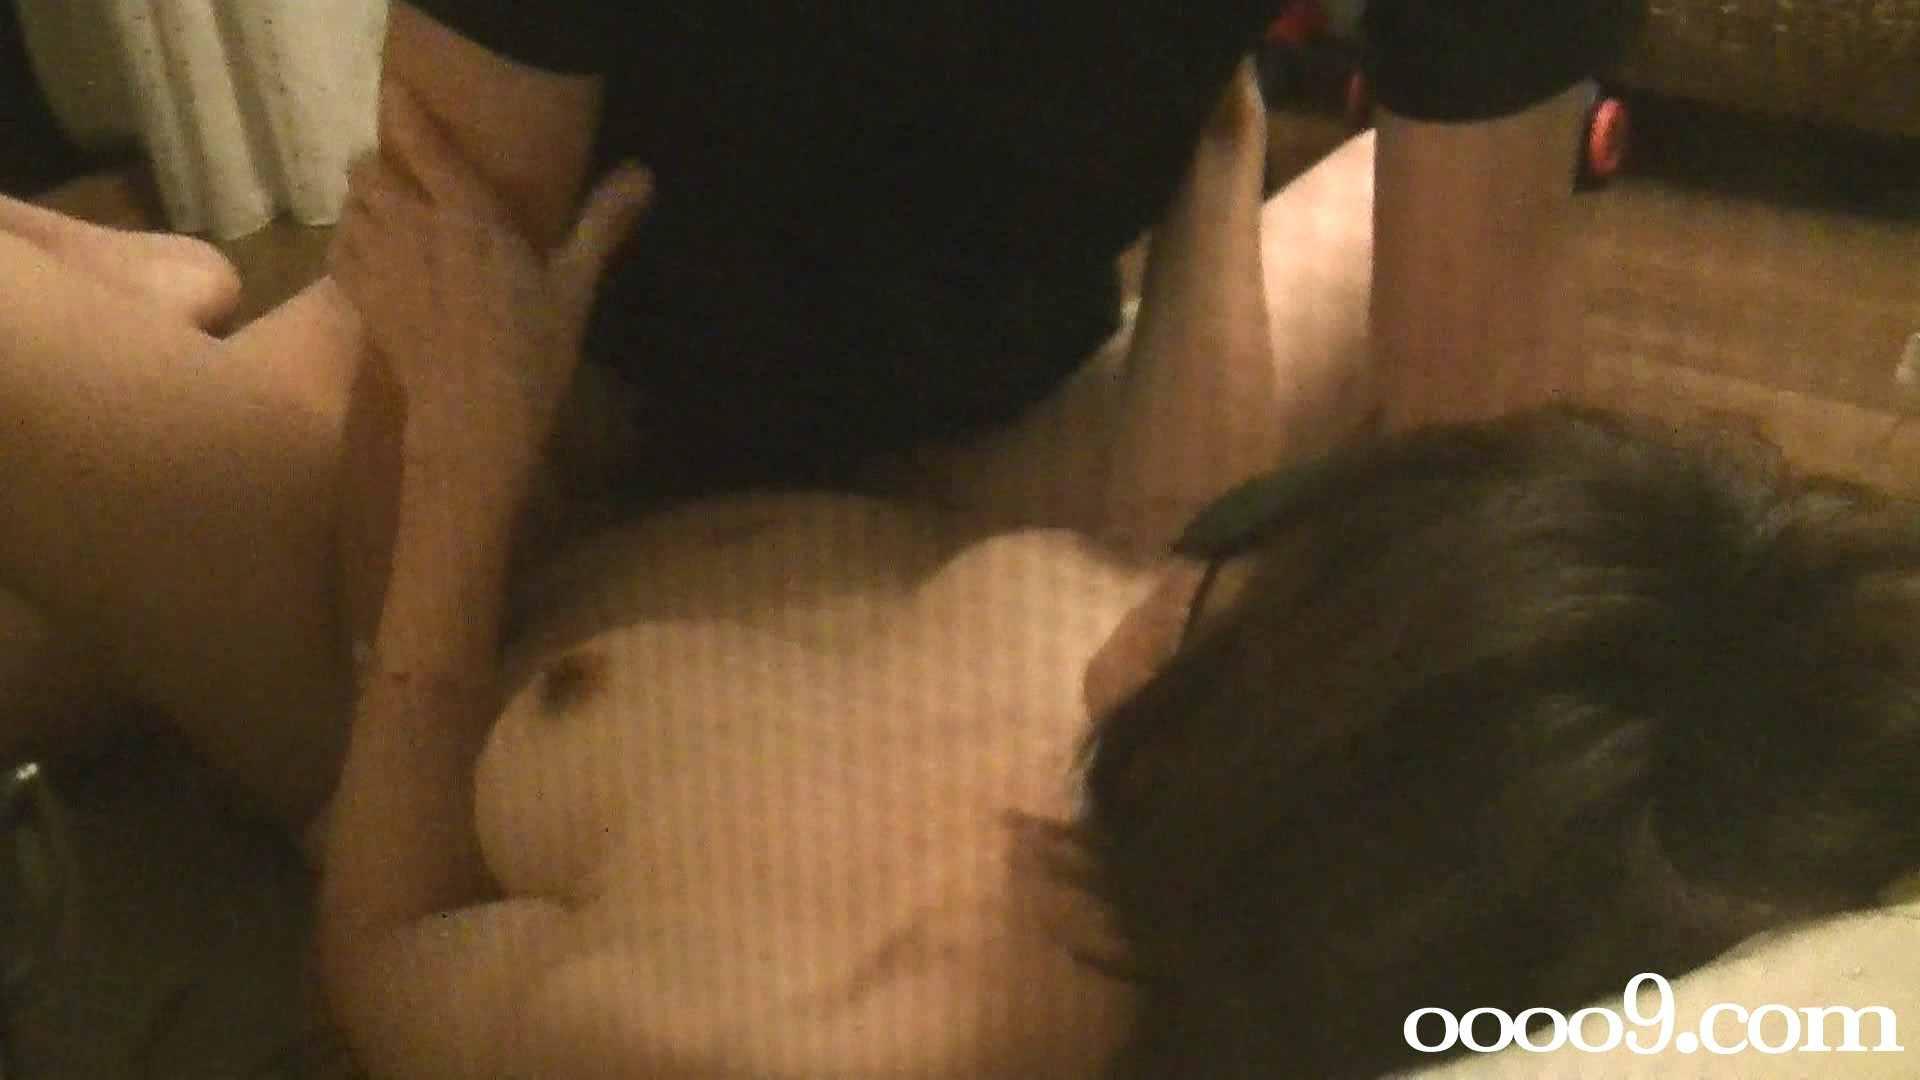 今度はHDだよ!ハメ撮りFカップみかちゃん vol.01 おっぱい 濡れ場動画紹介 97PIX 29